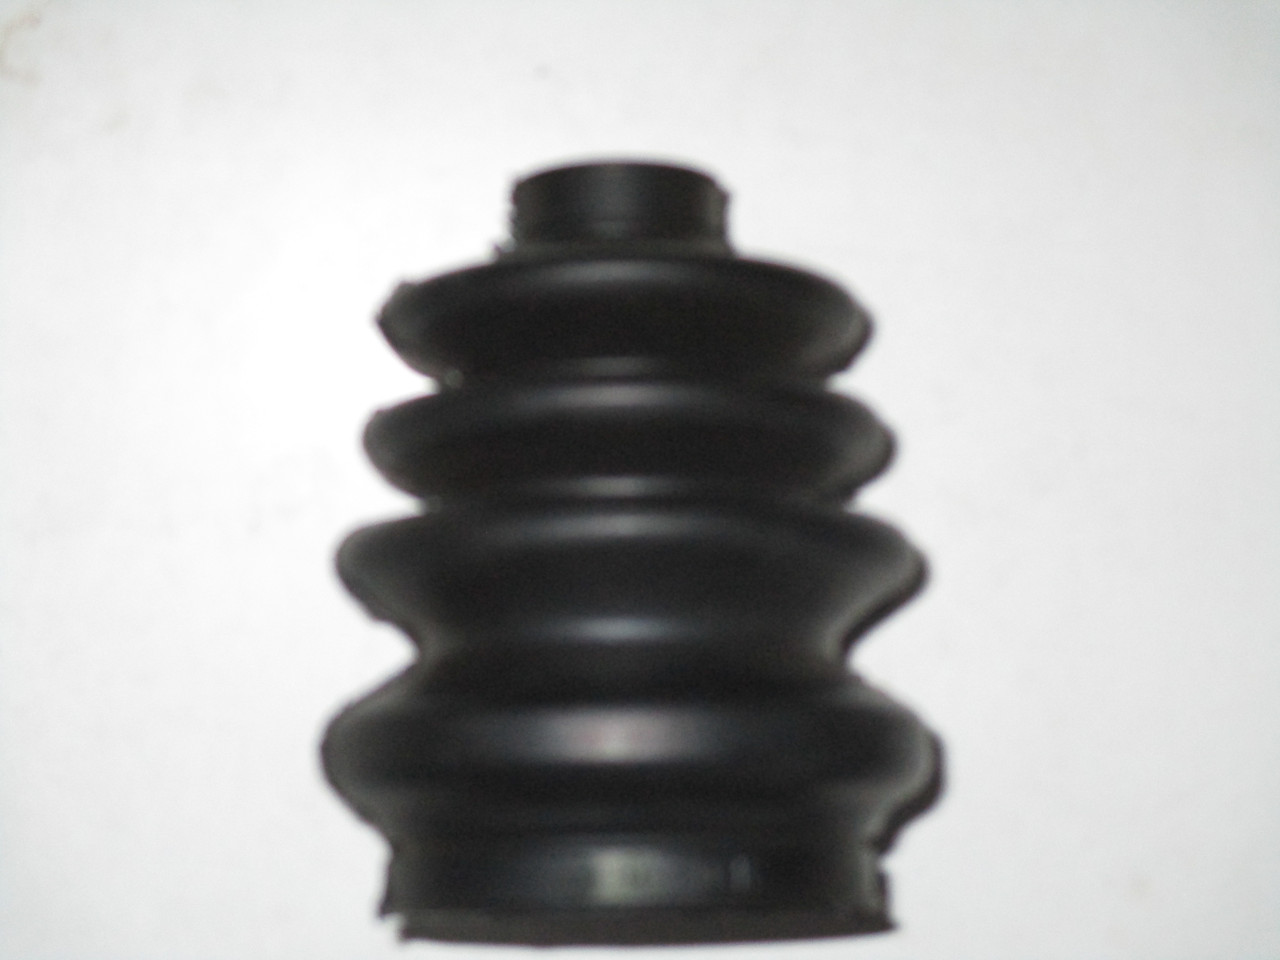 Пыльник шруса внутренний DK 0808 OPEL 1.3-1.6